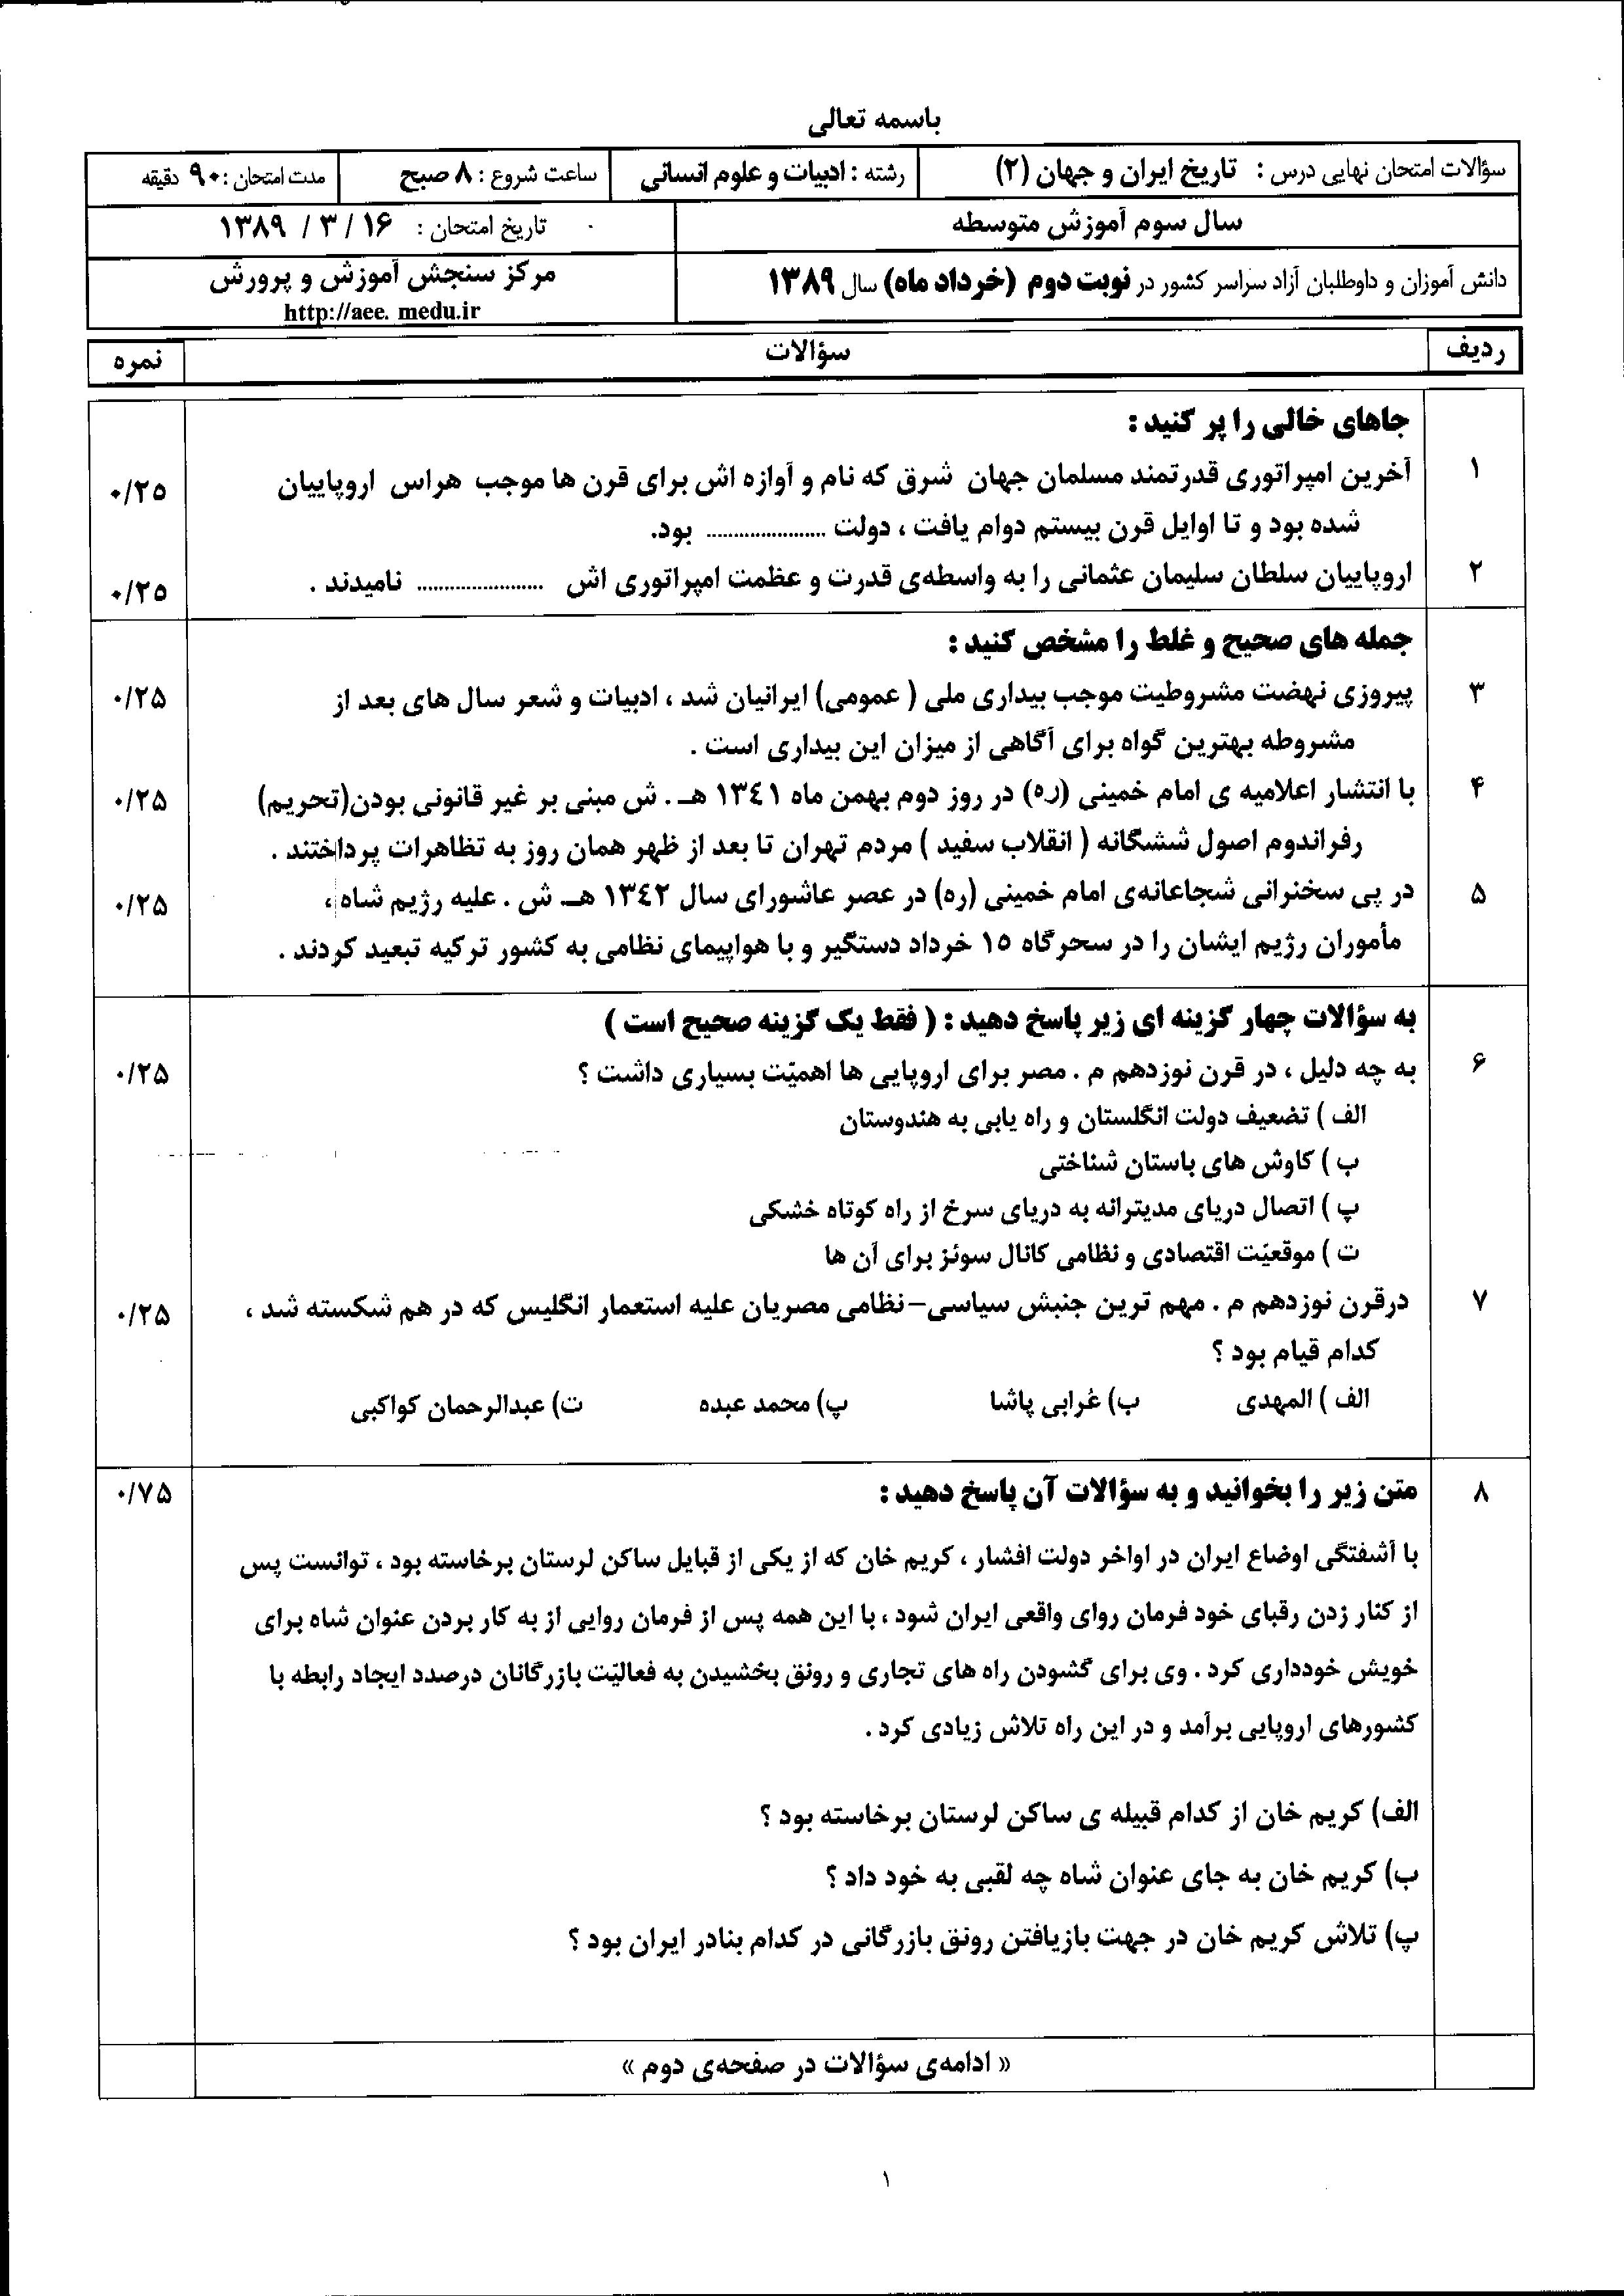 کانال+تلگرام+تاریخ+ایران+و+جهان